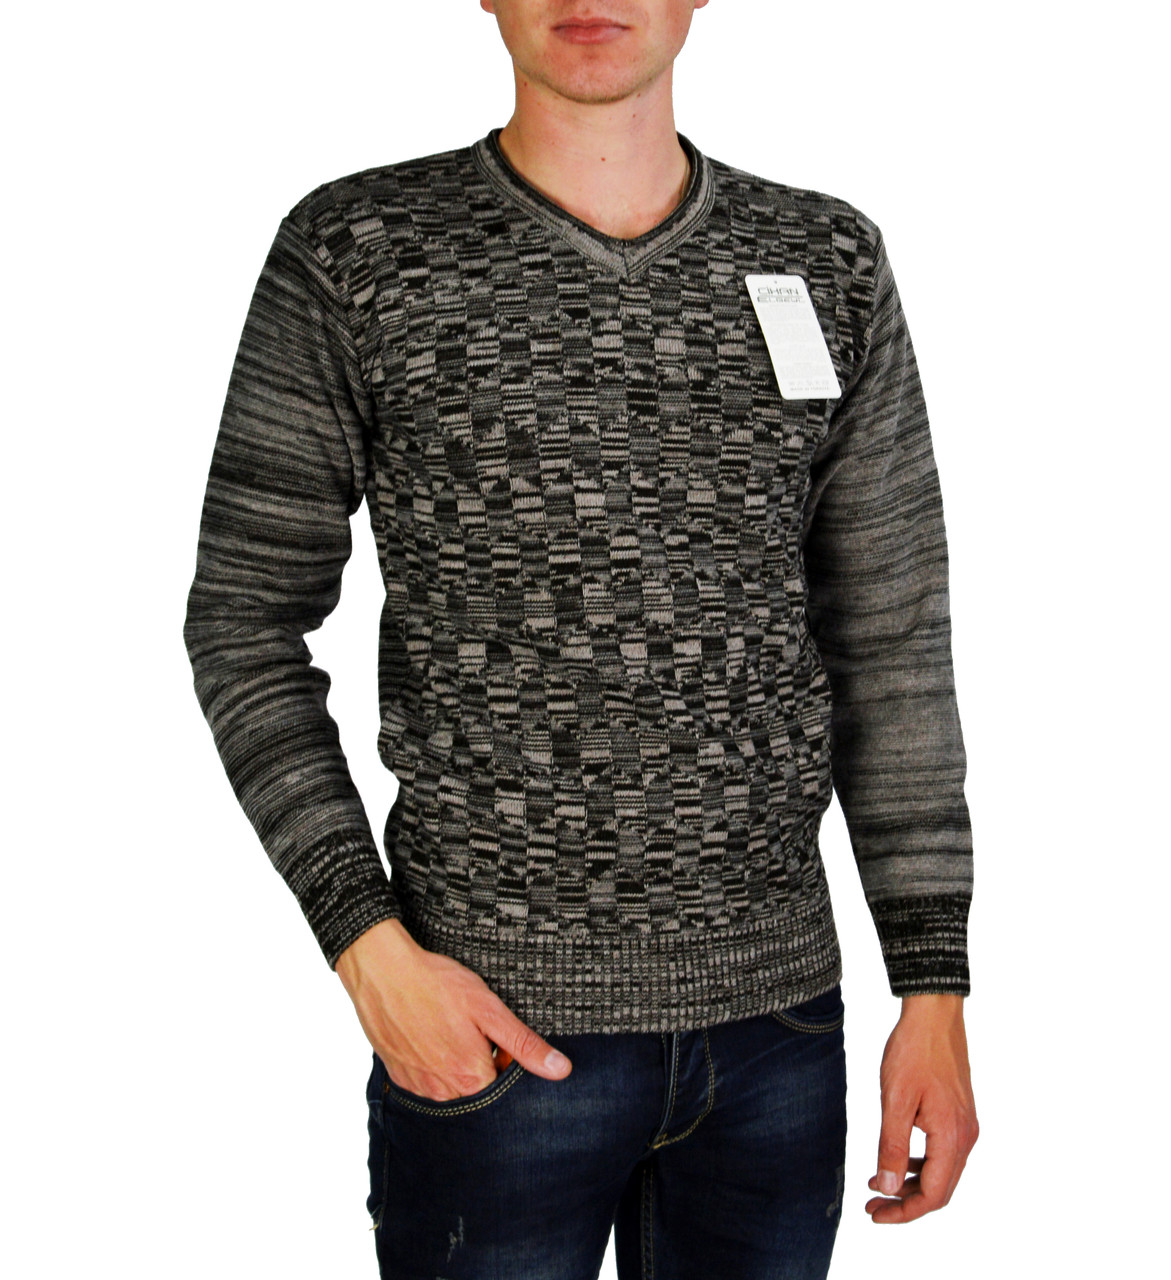 Серо-коричневый свитер мужской, джемпер CIHAN ELBEYLI